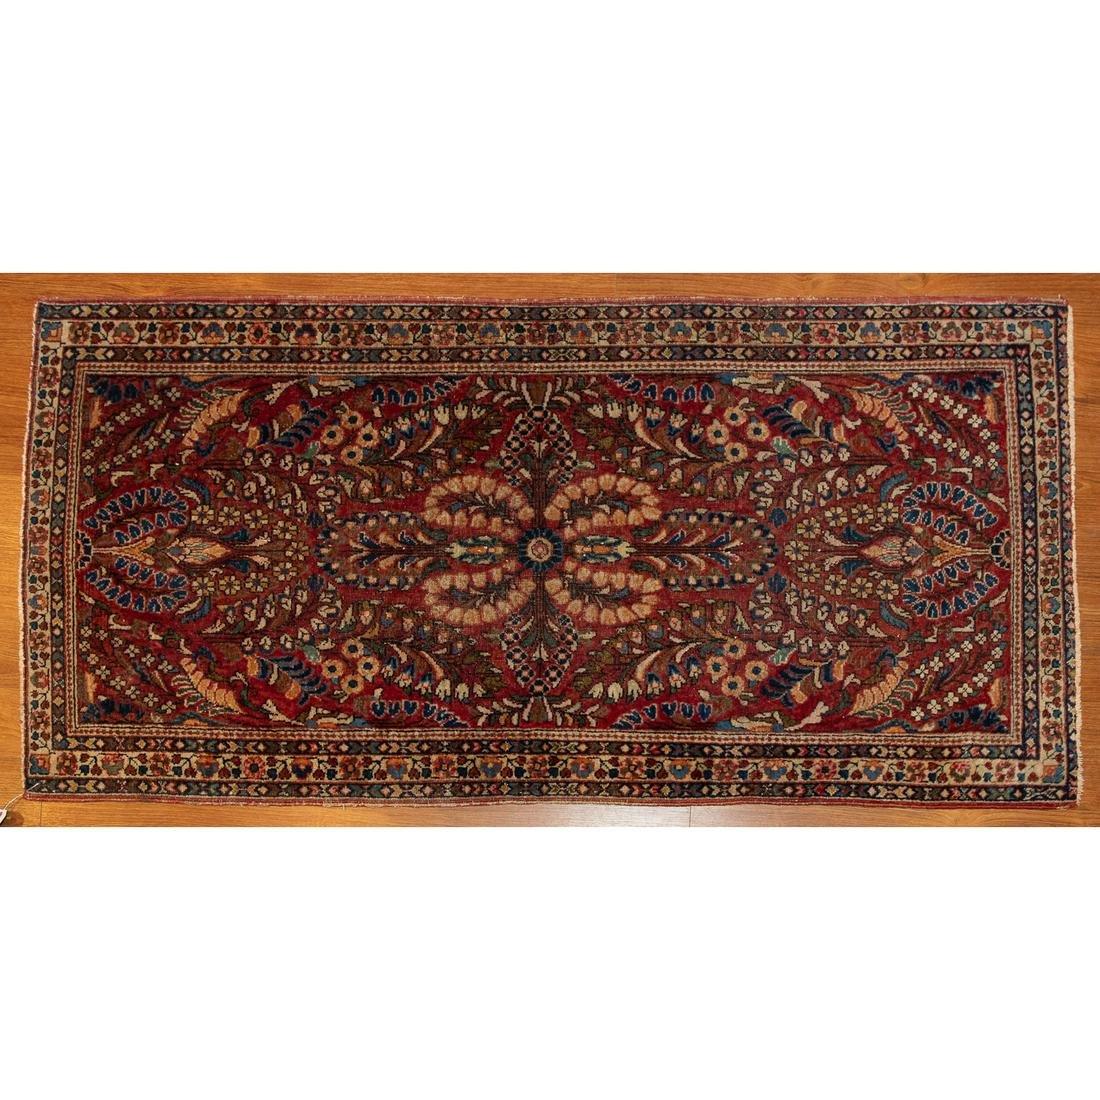 Semi-Antique Sarouk Rug, Persia, 2.5 x 4.10